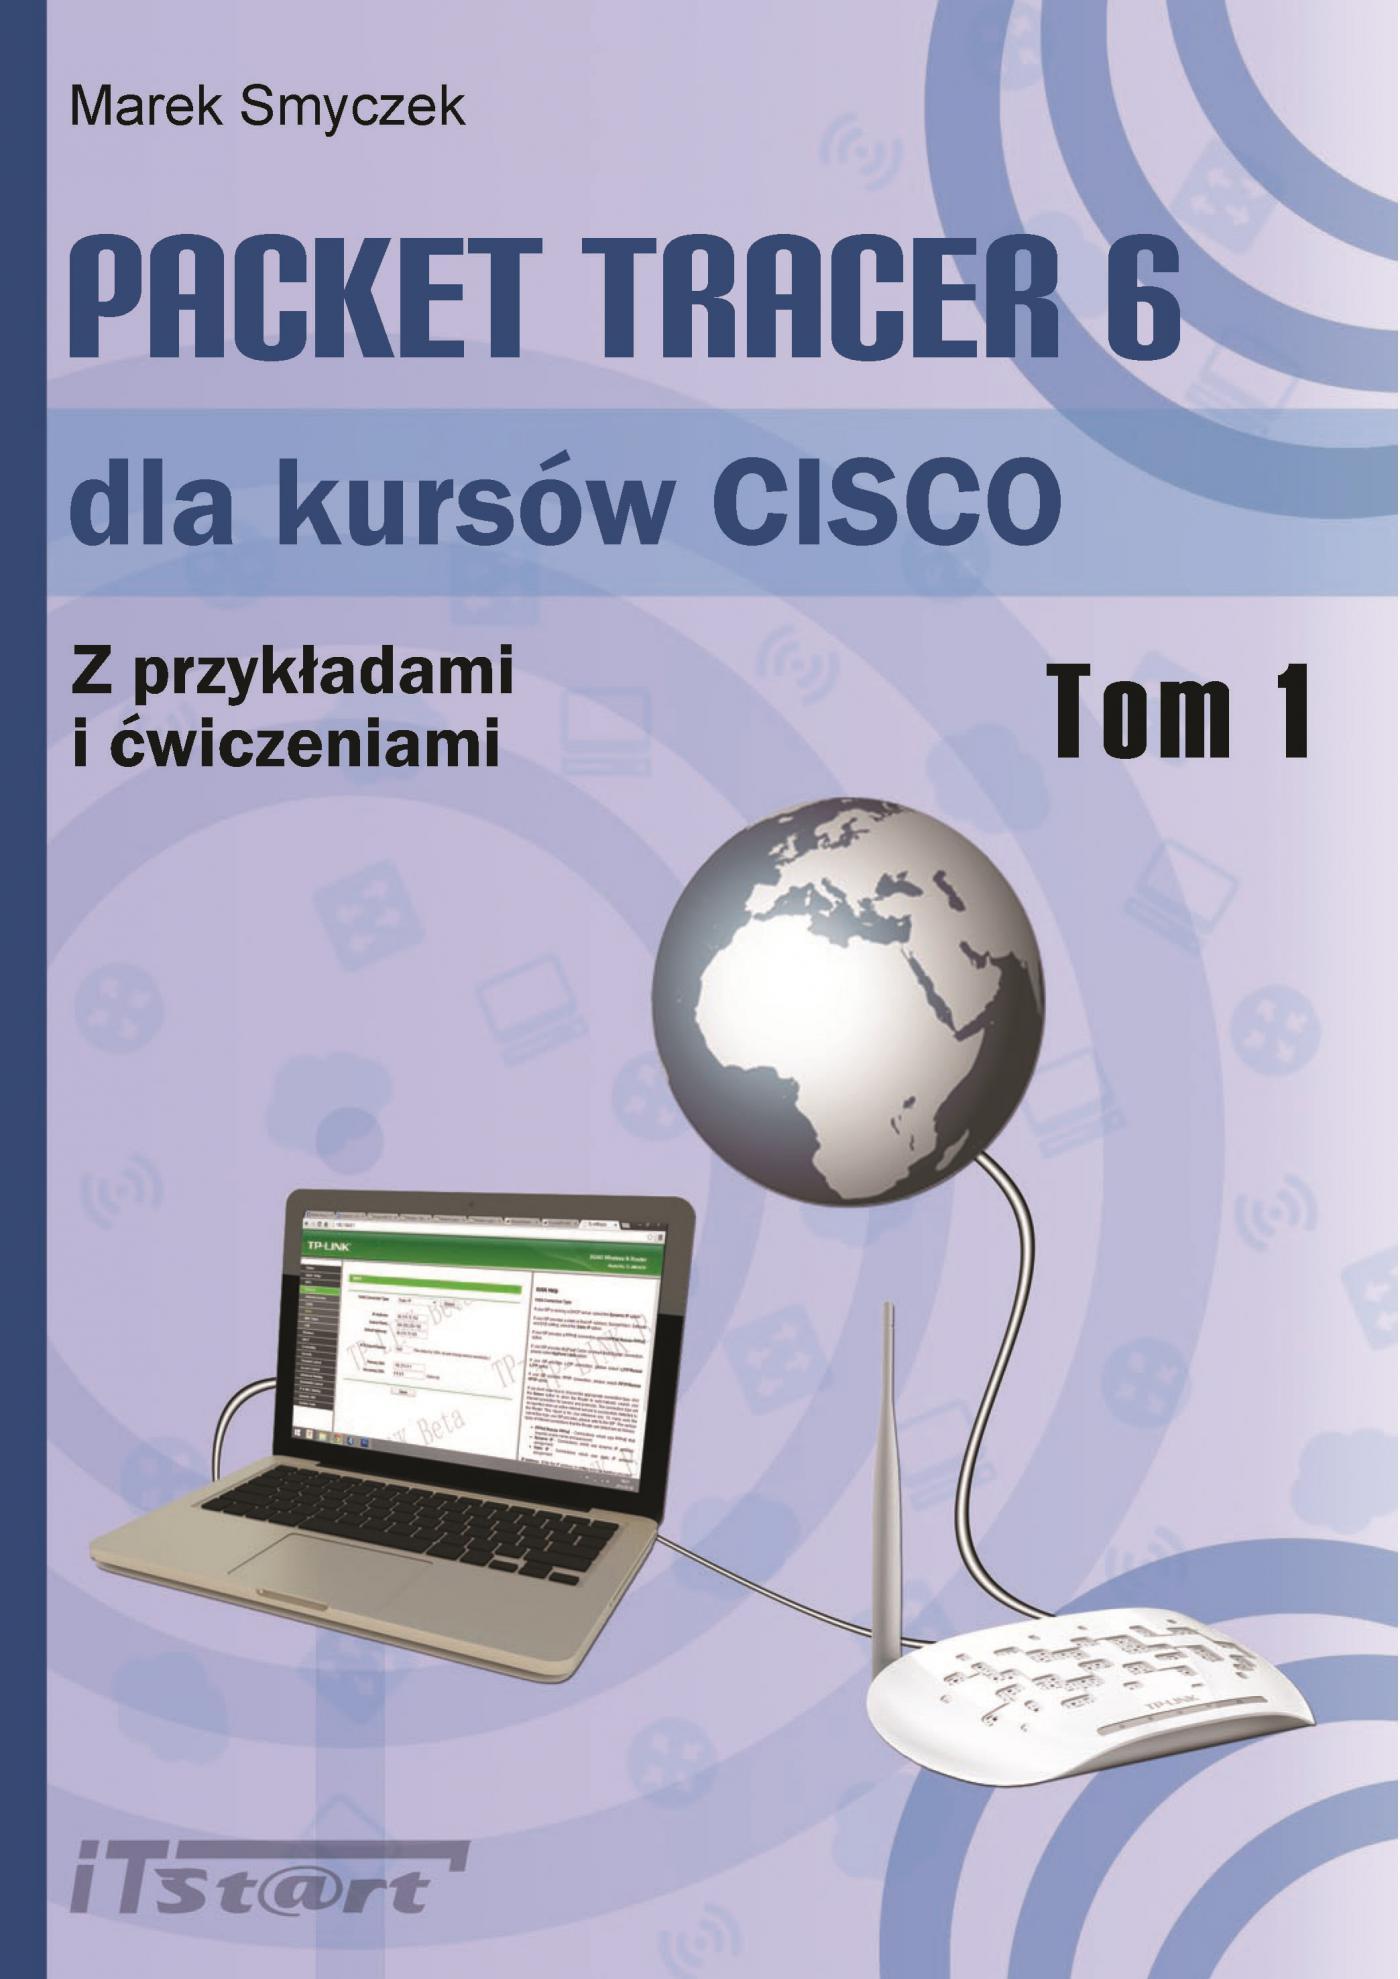 Packet Tracer 6 dla kursów CISCO - tom I - Ebook (Książka PDF) do pobrania w formacie PDF